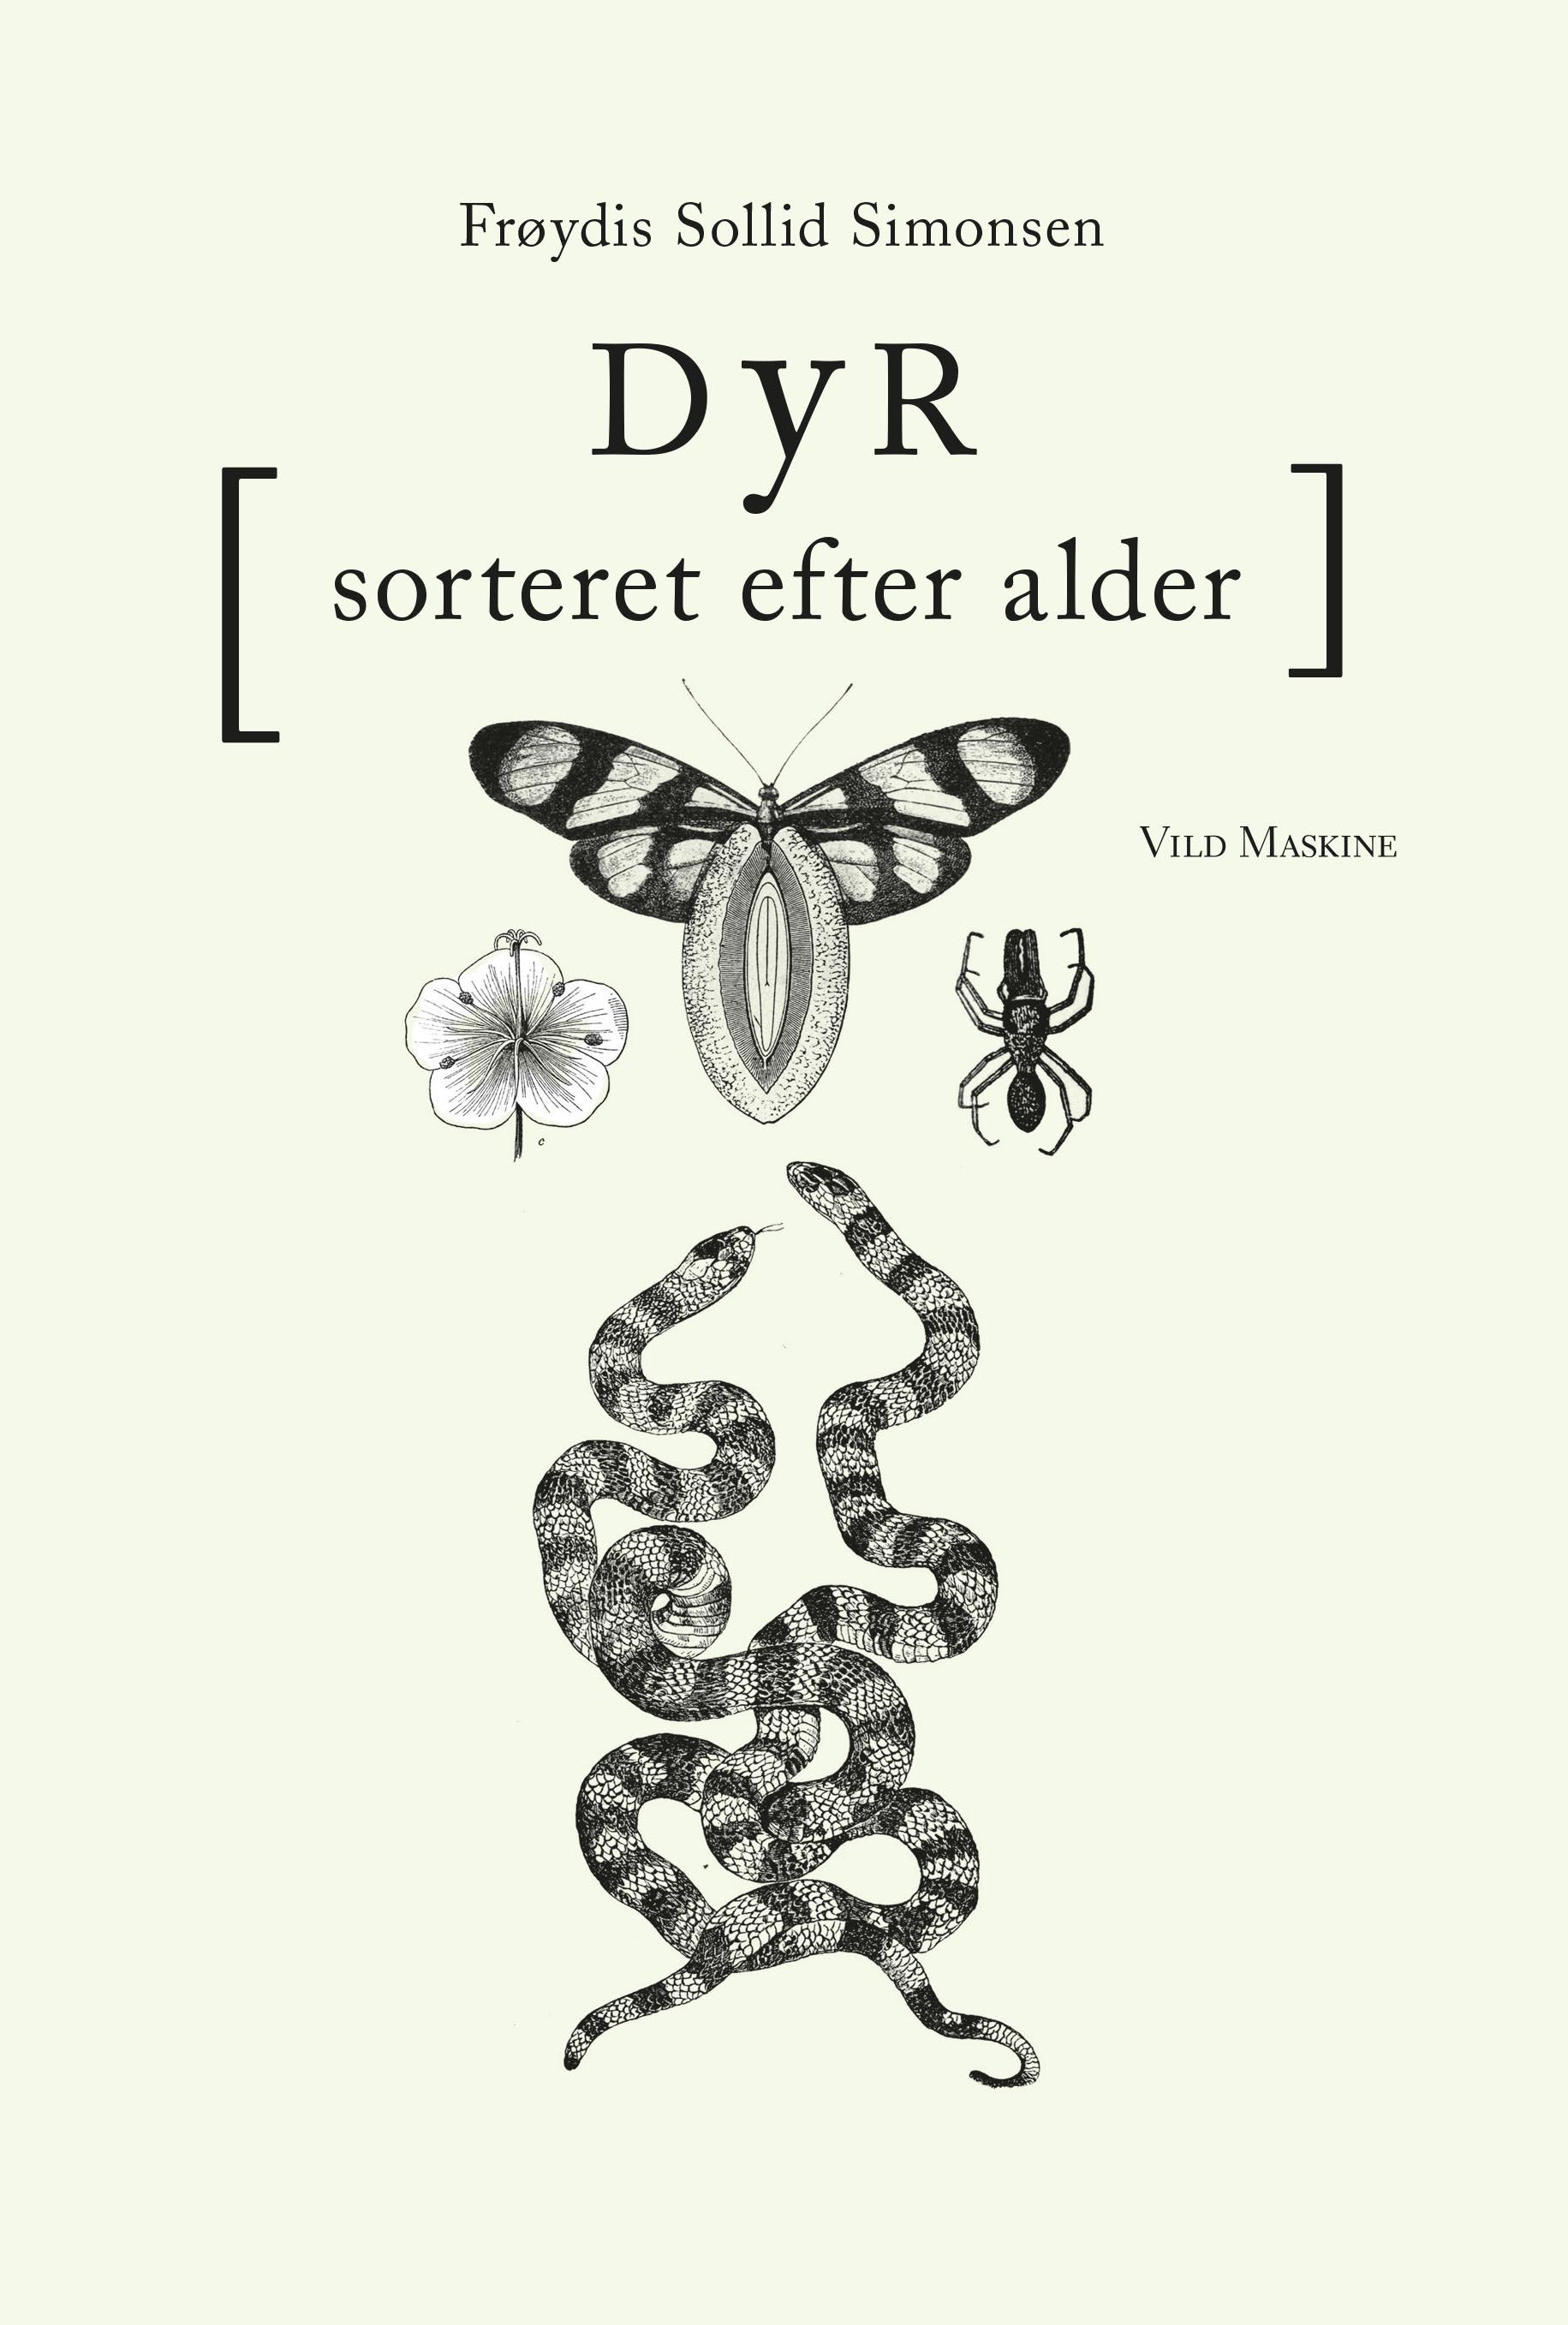 Dyr, sorteret efter alder af Frøydis Sollid Simonsen. Omslag af Neel Dich Abrahamsen.